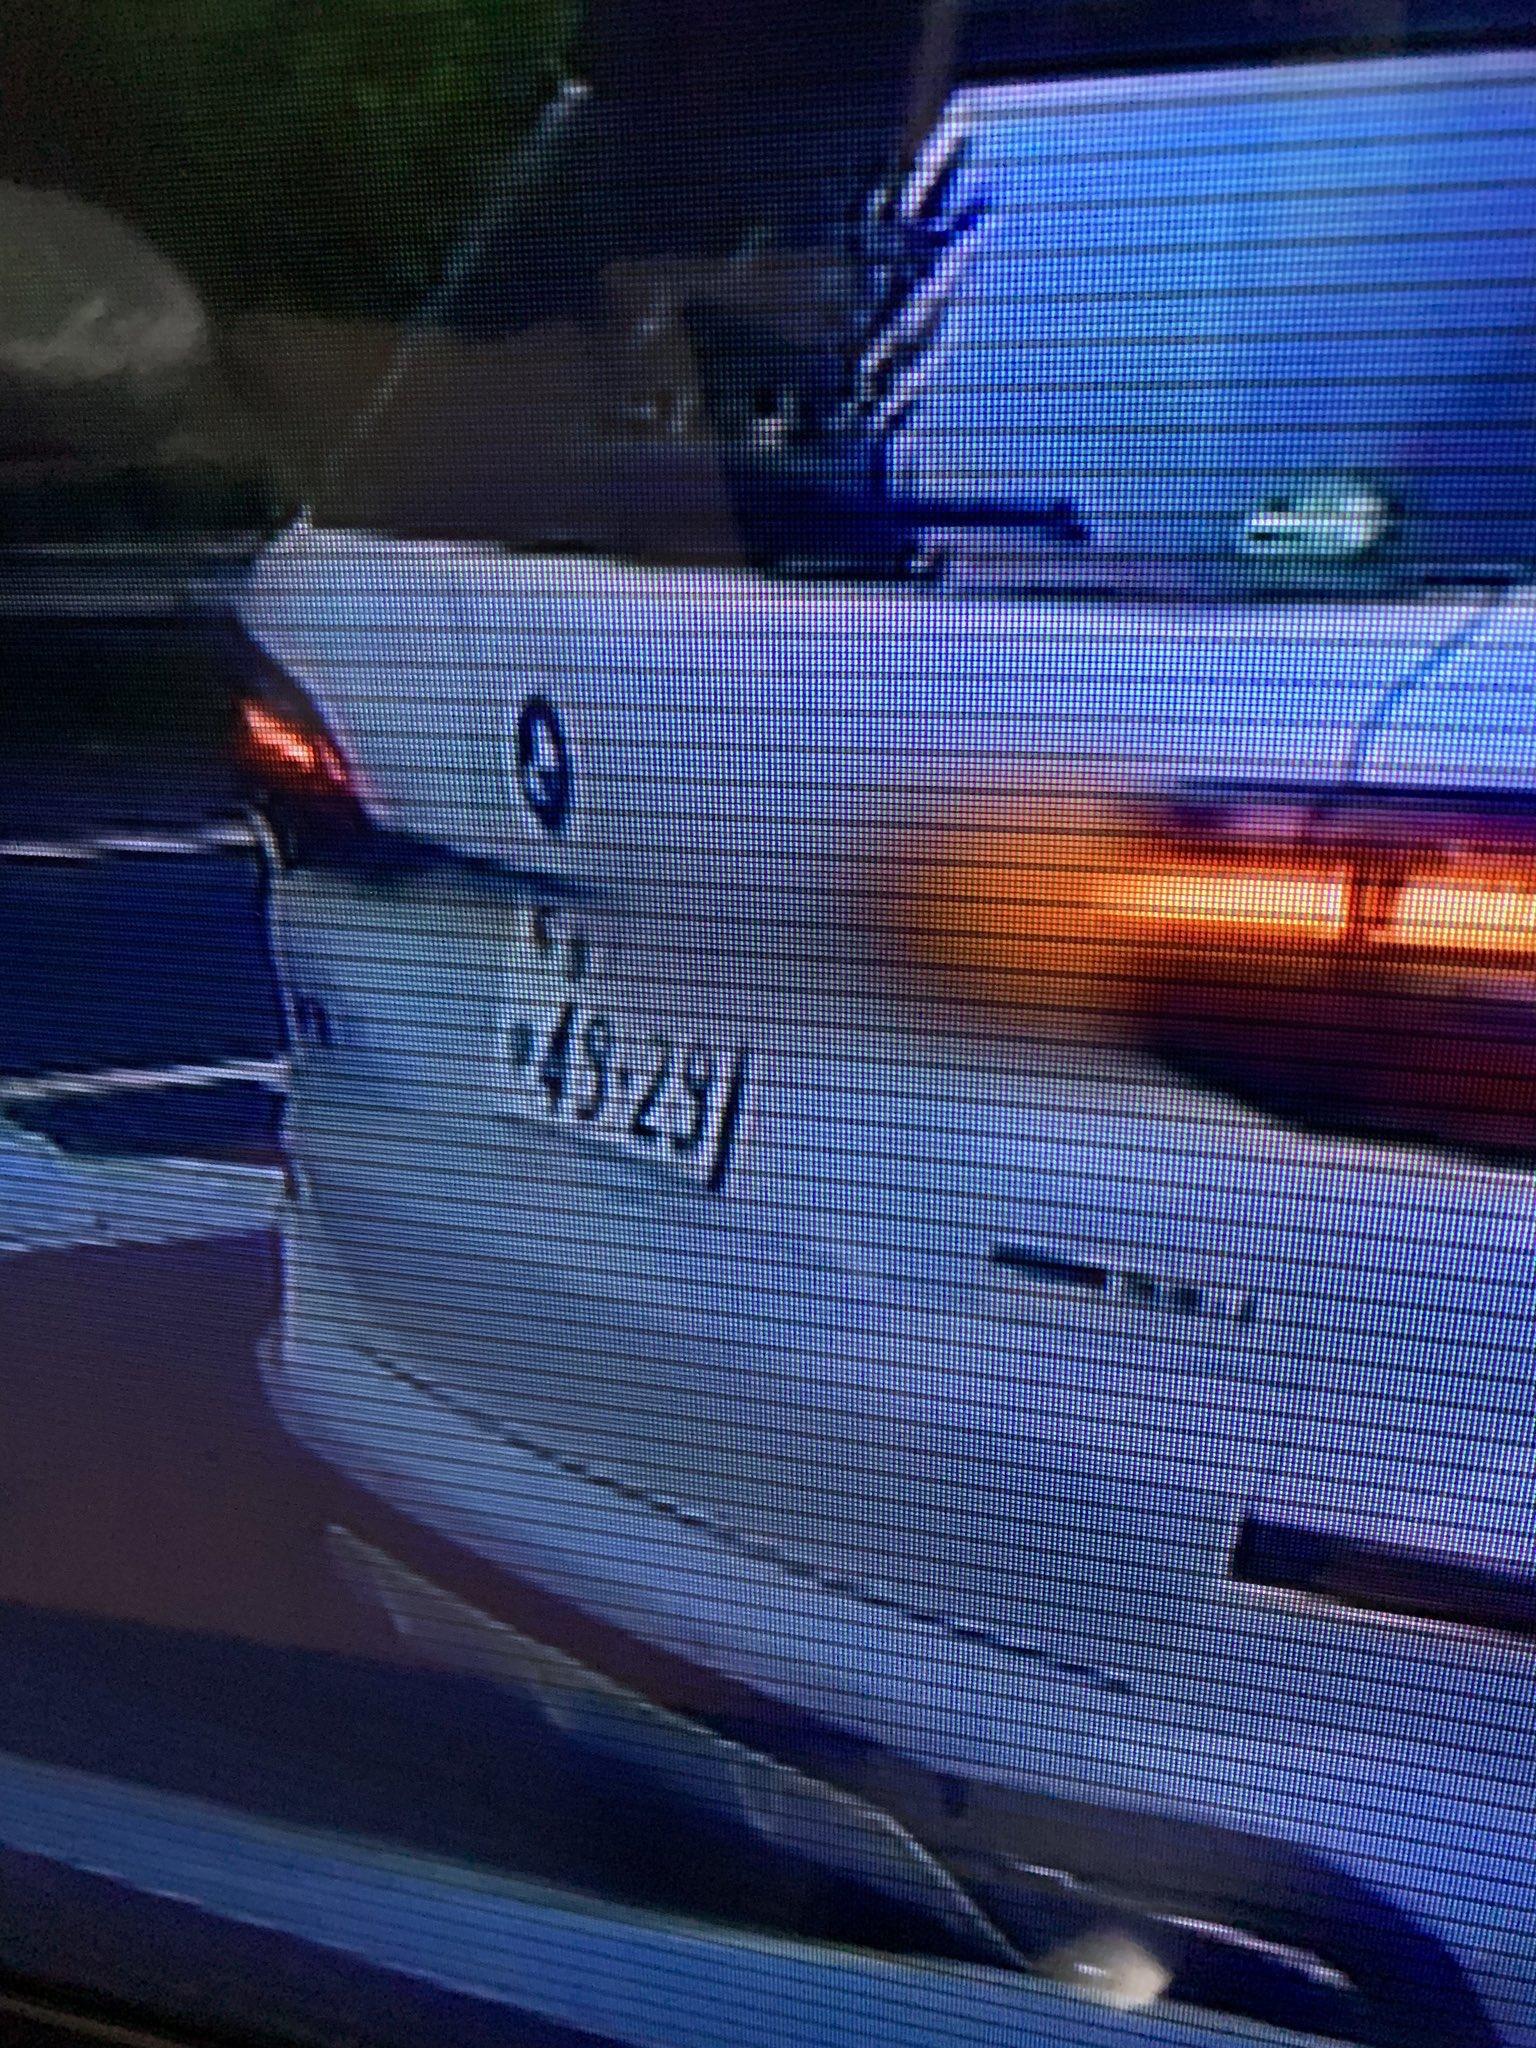 画像,茨城の常磐道で煽り運転した挙げ句暴行までしたこのクソBMW・X5のイカレポンチ、静岡や愛知でも同様の行為をしてた模様。BMWに乗ってるってだけでイキがるクサレD…